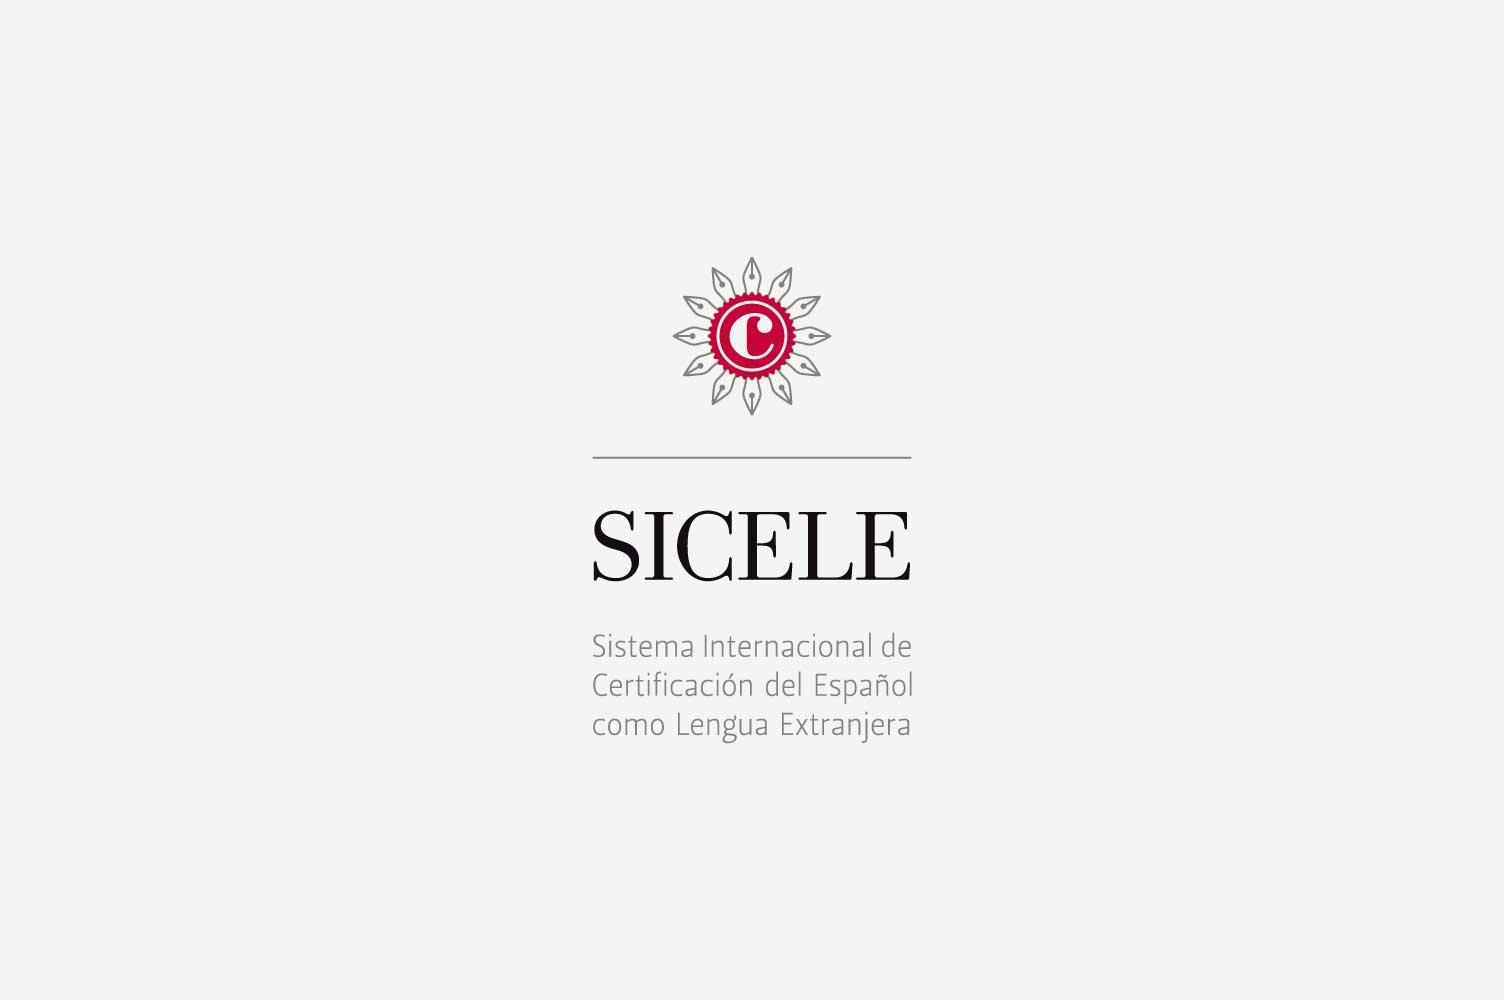 Logotipo SICELE versión 2